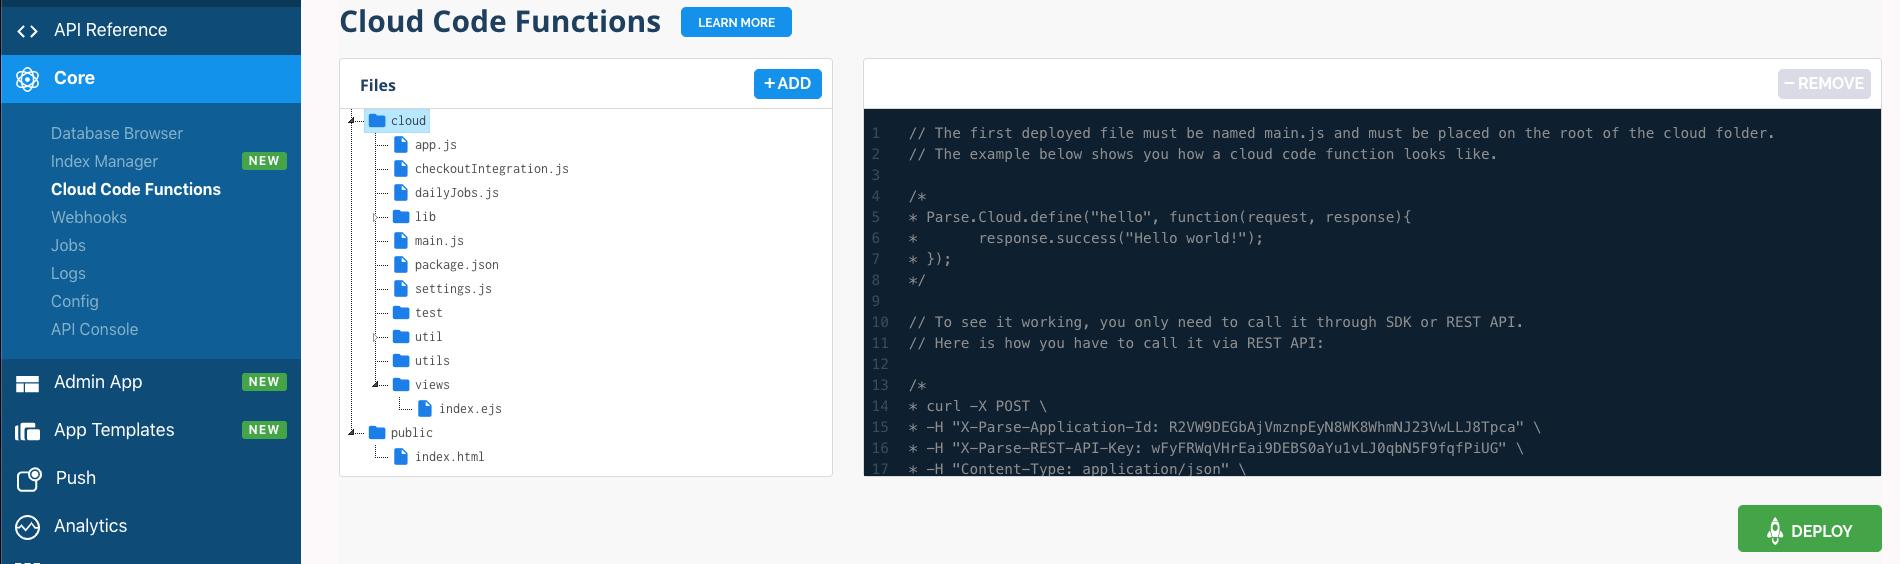 cloud-code-dashboard